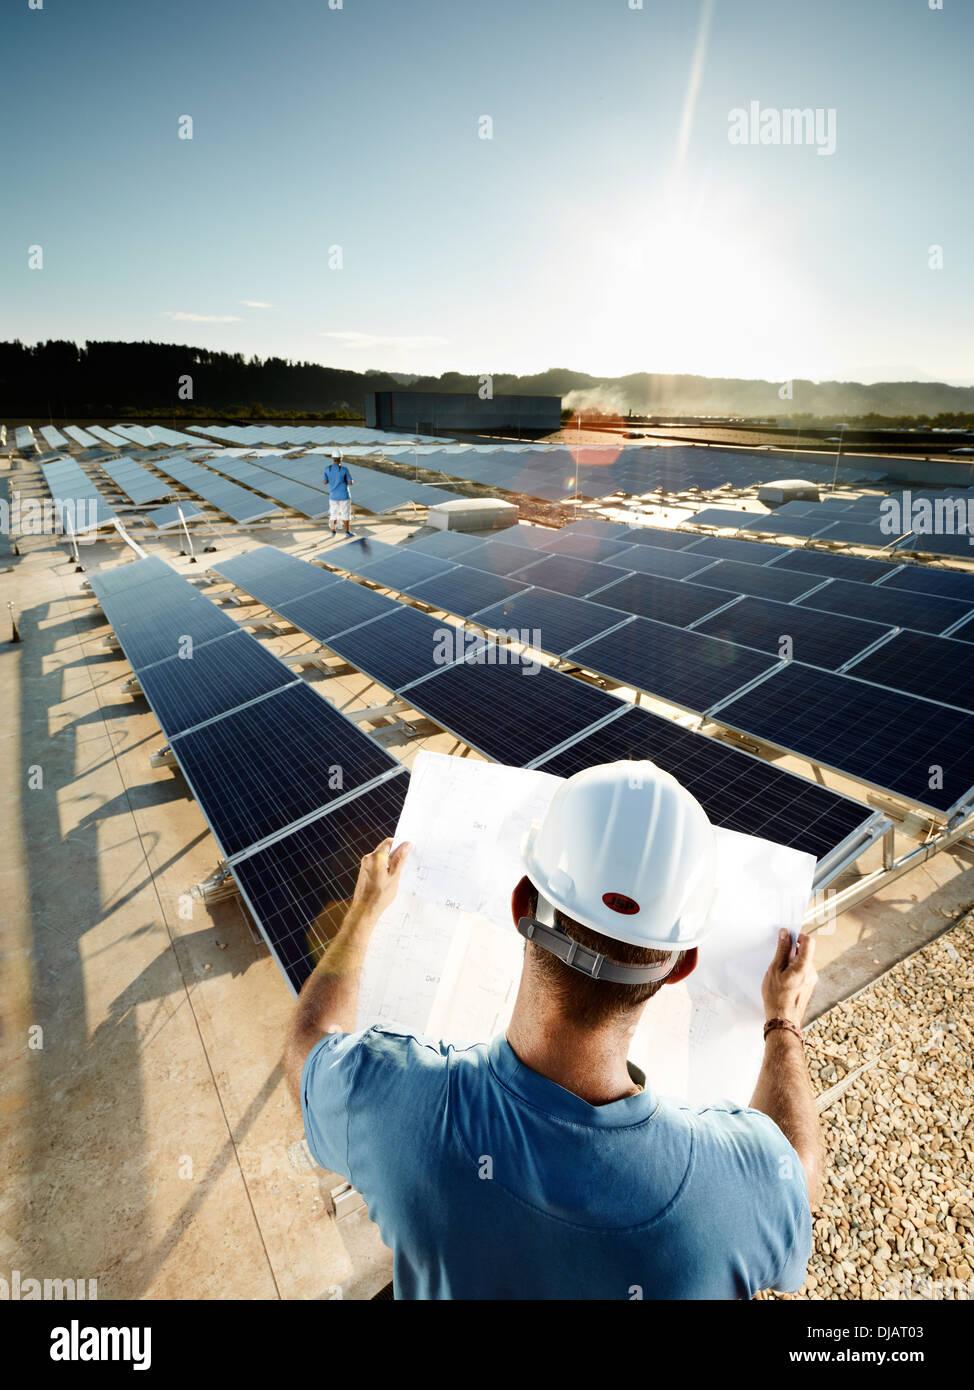 Solaranlage Techniker Studium einen plan Stockfoto